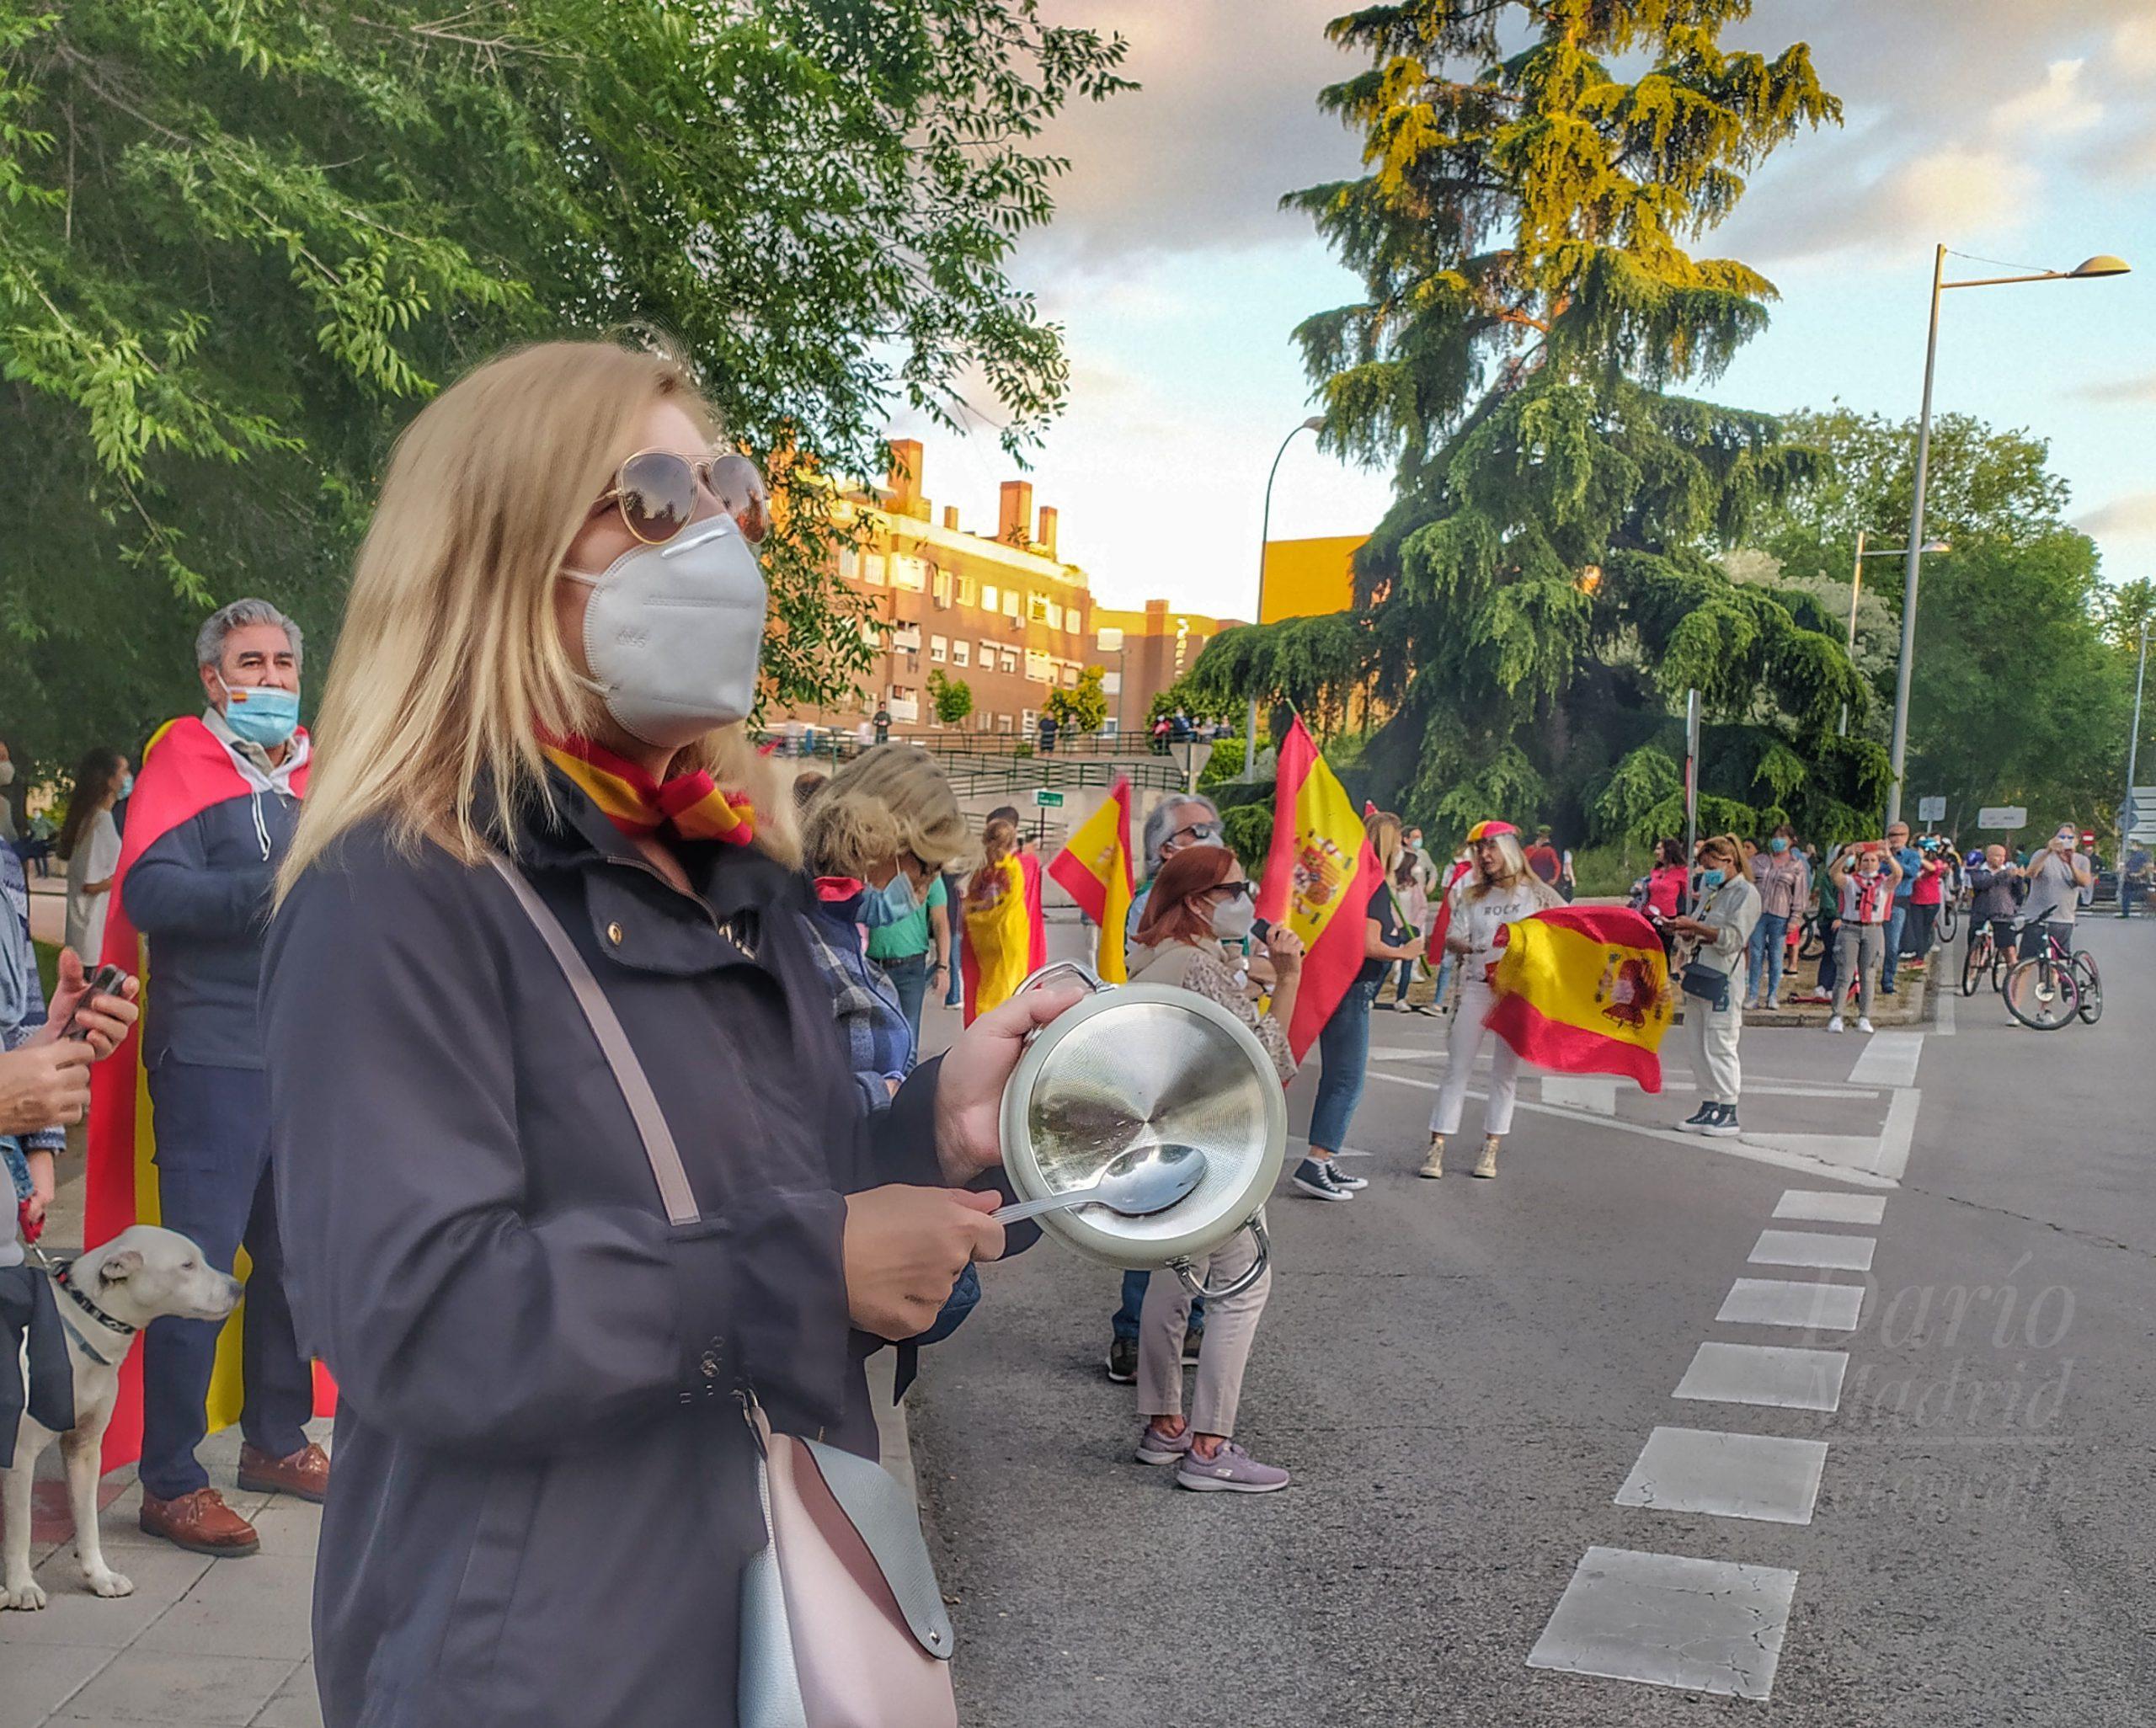 La gestión de la crisis provocada por el Gobierno de Sánchez e Iglesias lleva a a las calles a miles de españoles a protestar «armados» con cacerolas y banderas reclamando libertad